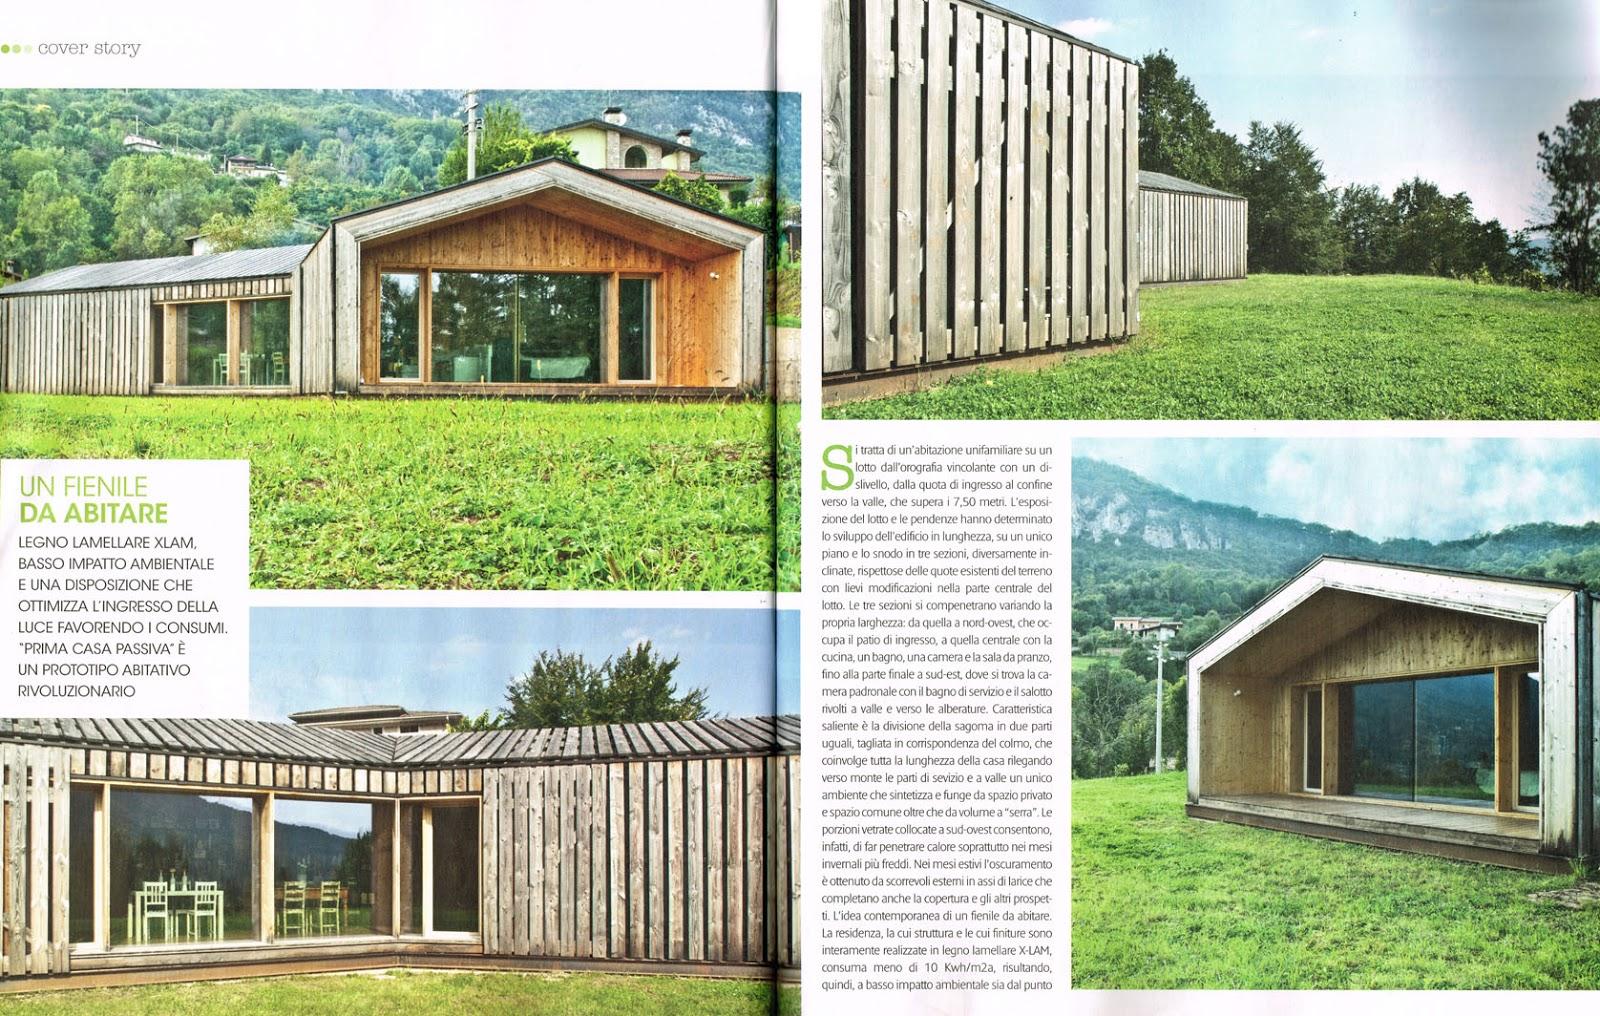 Quanto costa una casa di 100 mq studio di architettura for Ottenere una casa costruita